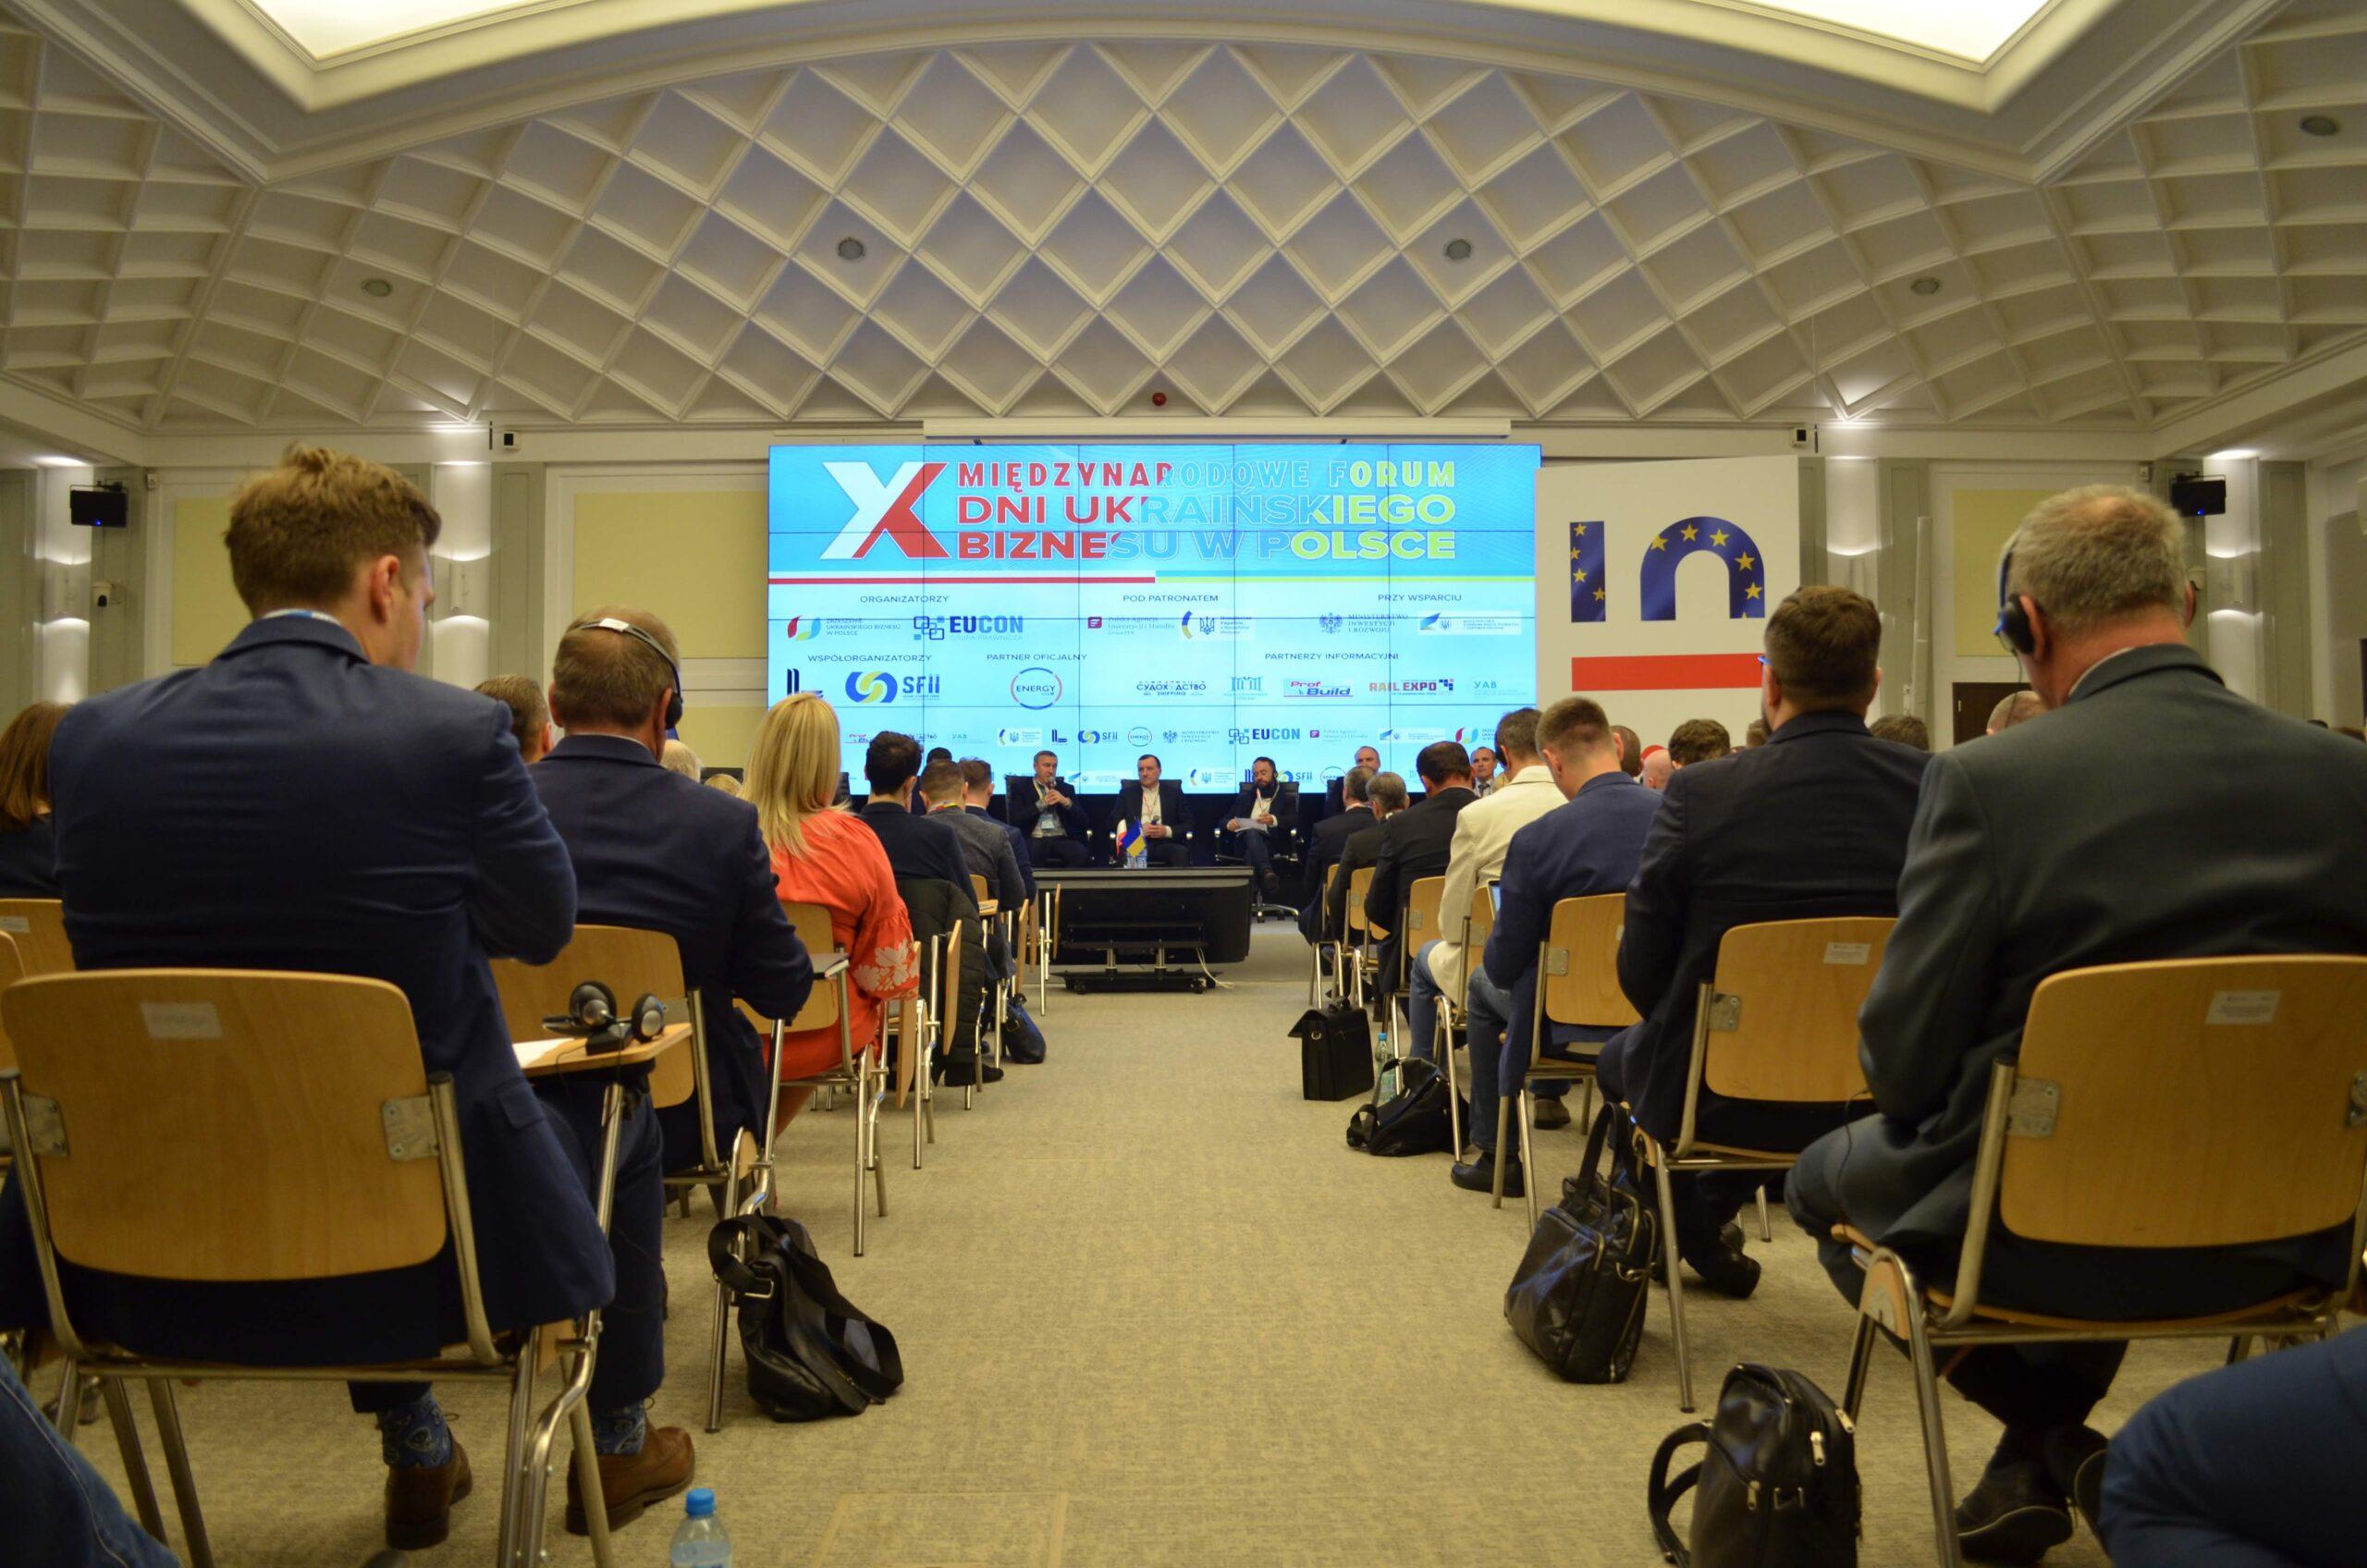 """У Варшаві відбувся ювілейний Х Міжнародний форум """"Дні українського бізнесу в Польщі"""" – підіб'ємо підсумки!"""